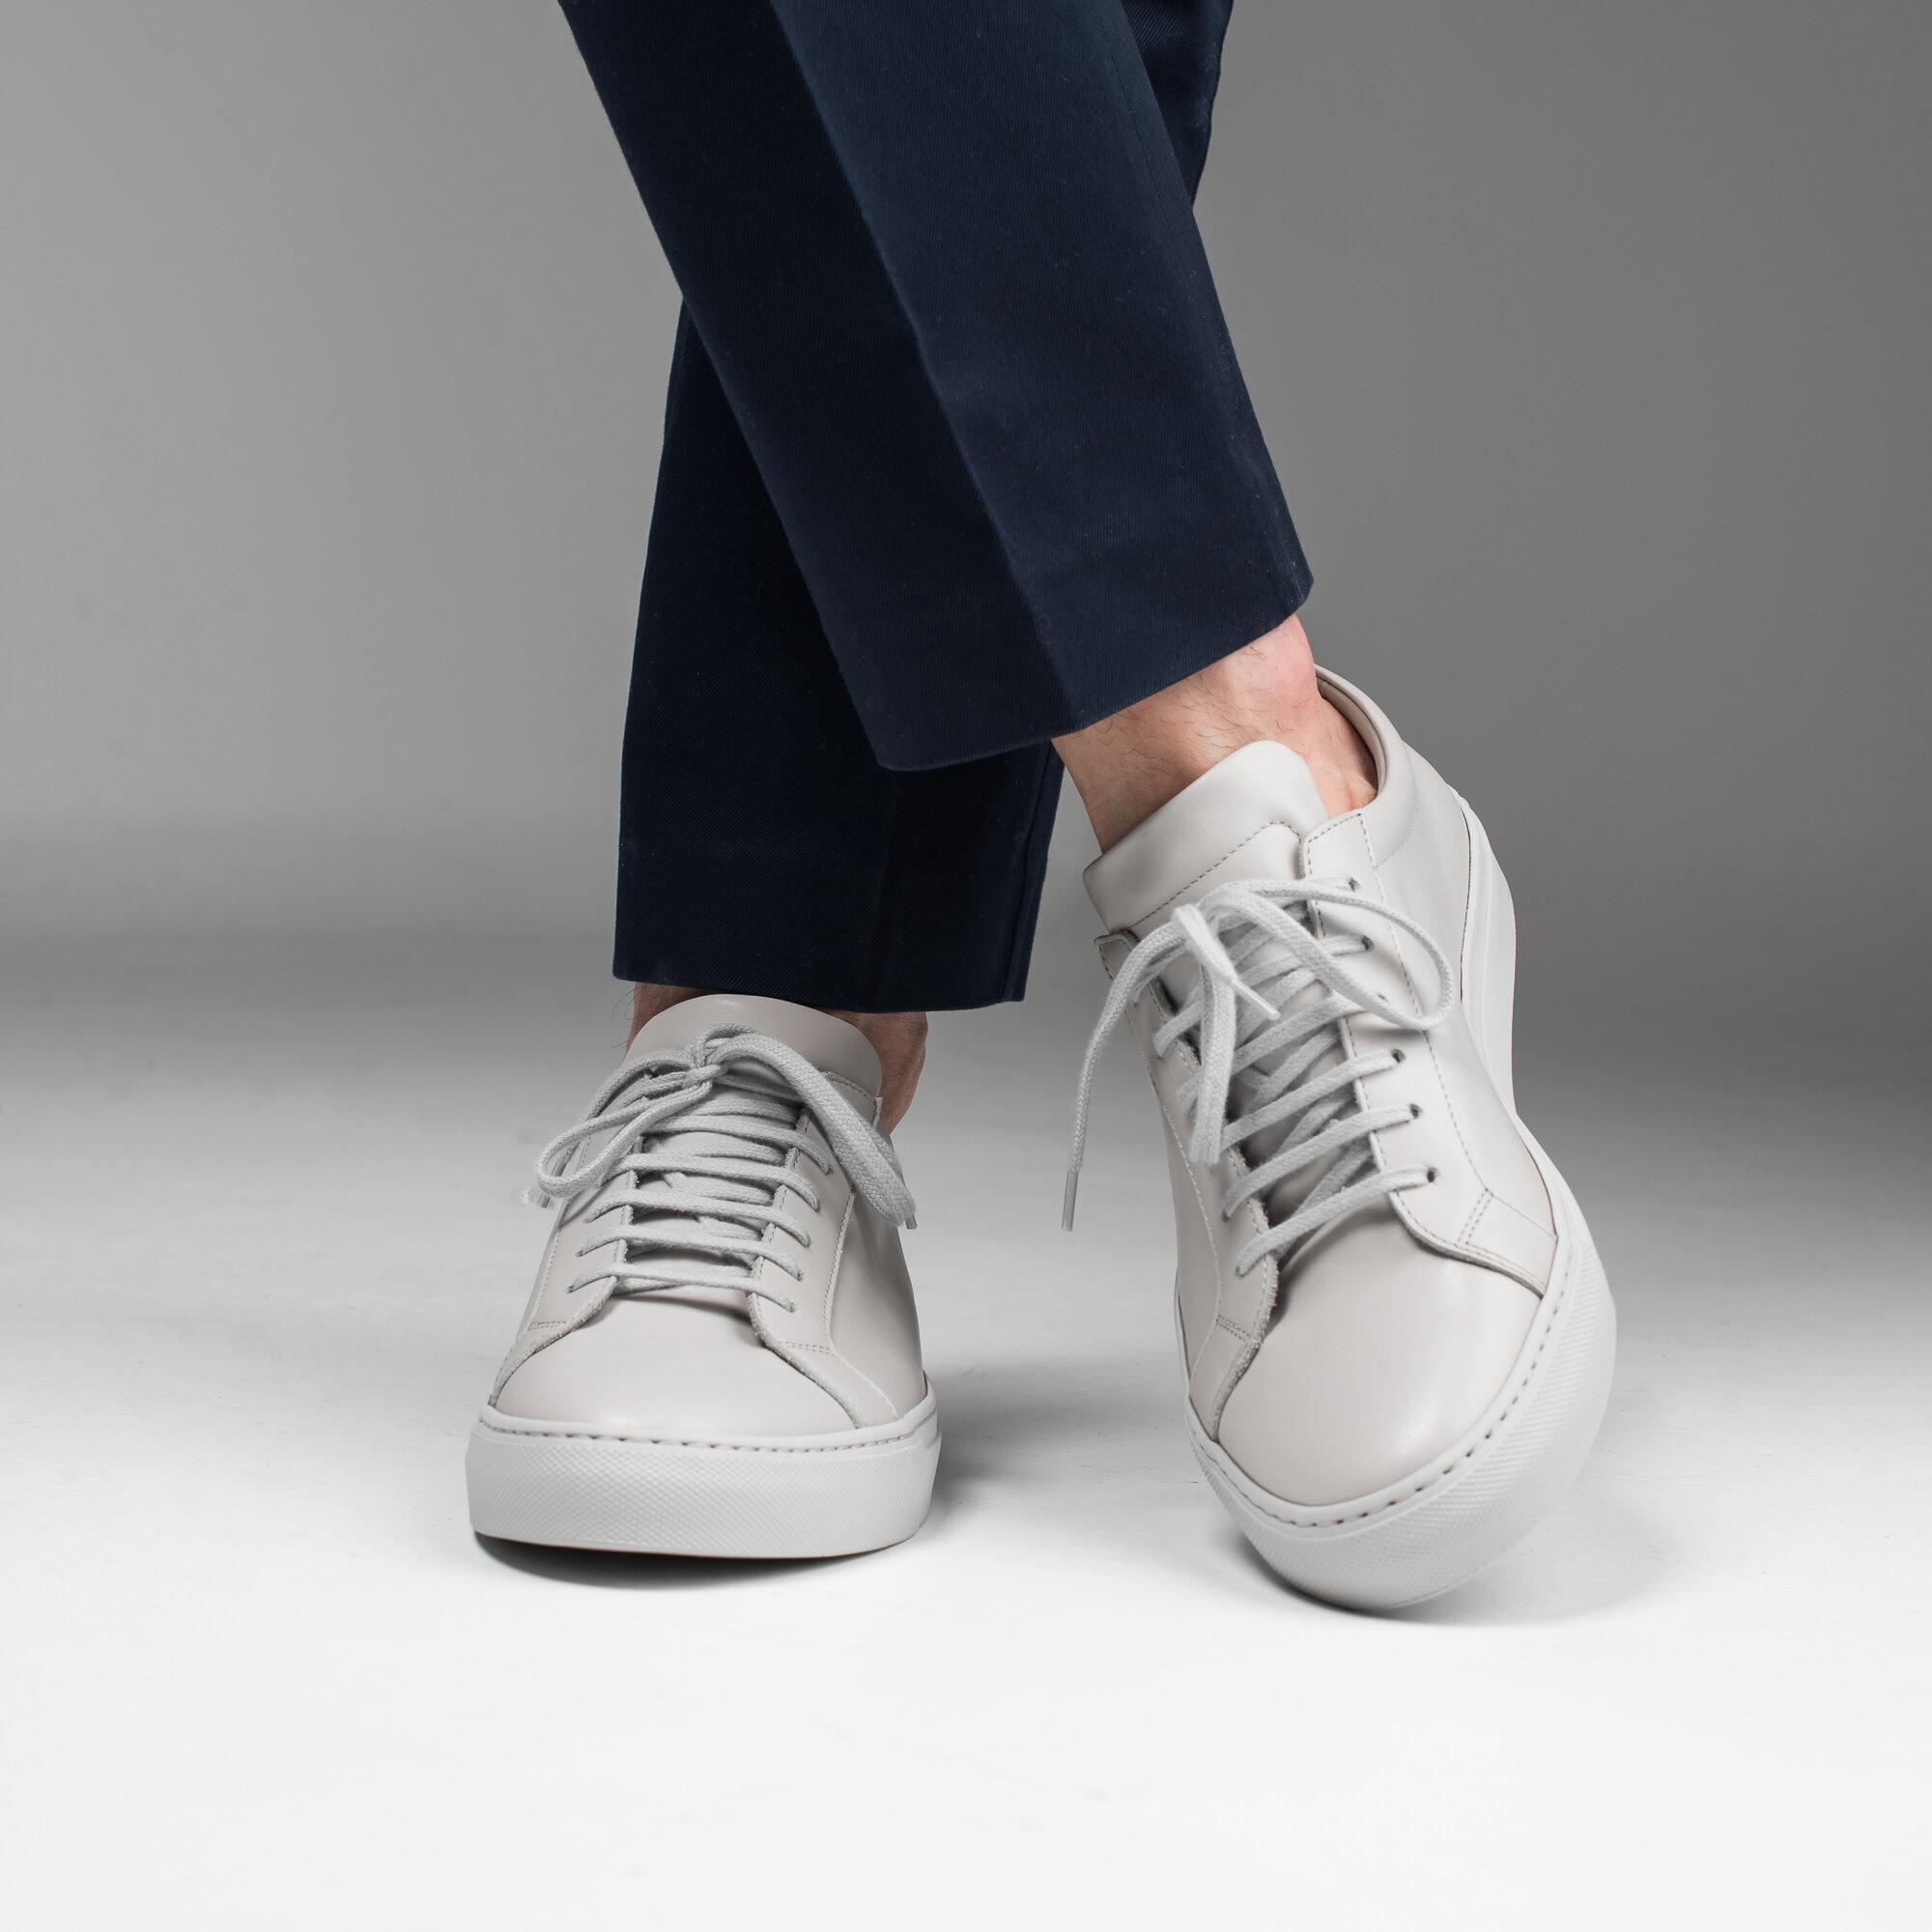 Essential Sneakers - Warm Grey